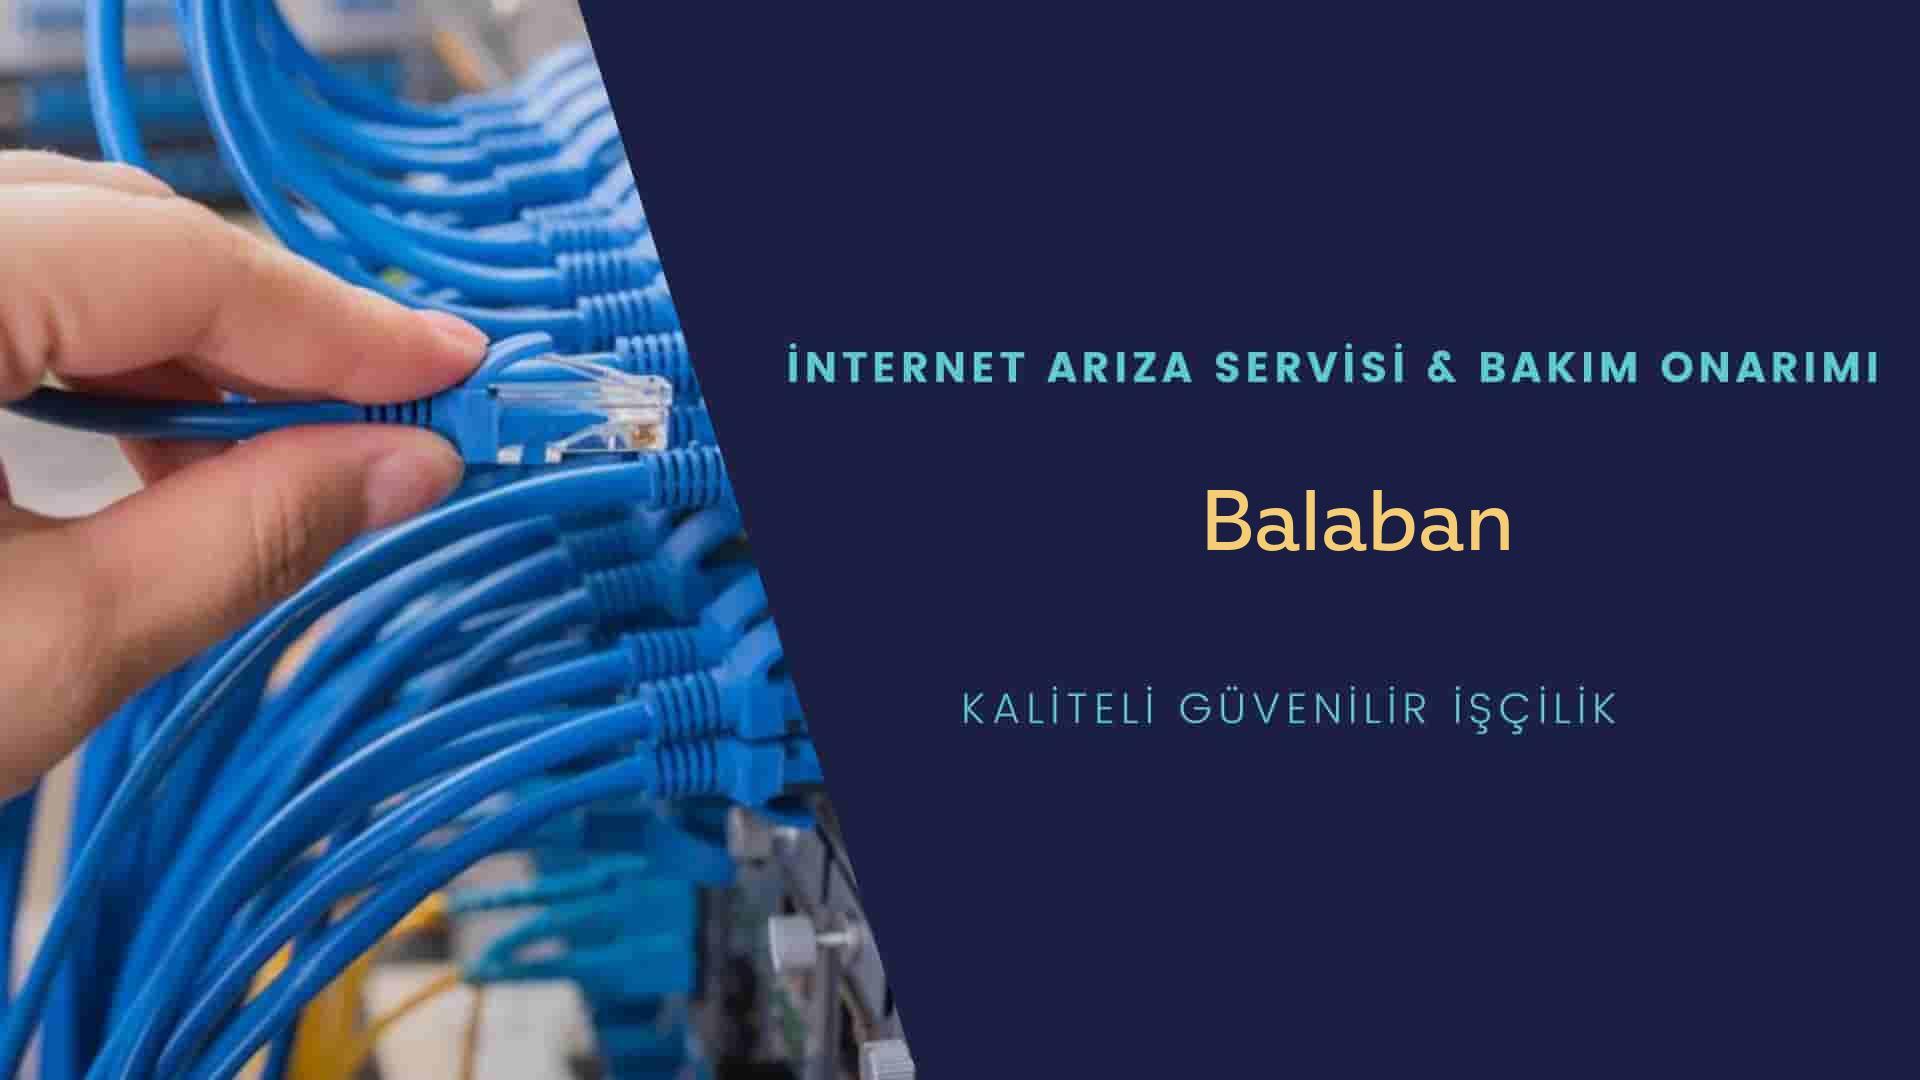 Balaban internet kablosu çekimi yapan yerler veya elektrikçiler mi? arıyorsunuz doğru yerdesiniz o zaman sizlere 7/24 yardımcı olacak profesyonel ustalarımız bir telefon kadar yakındır size.